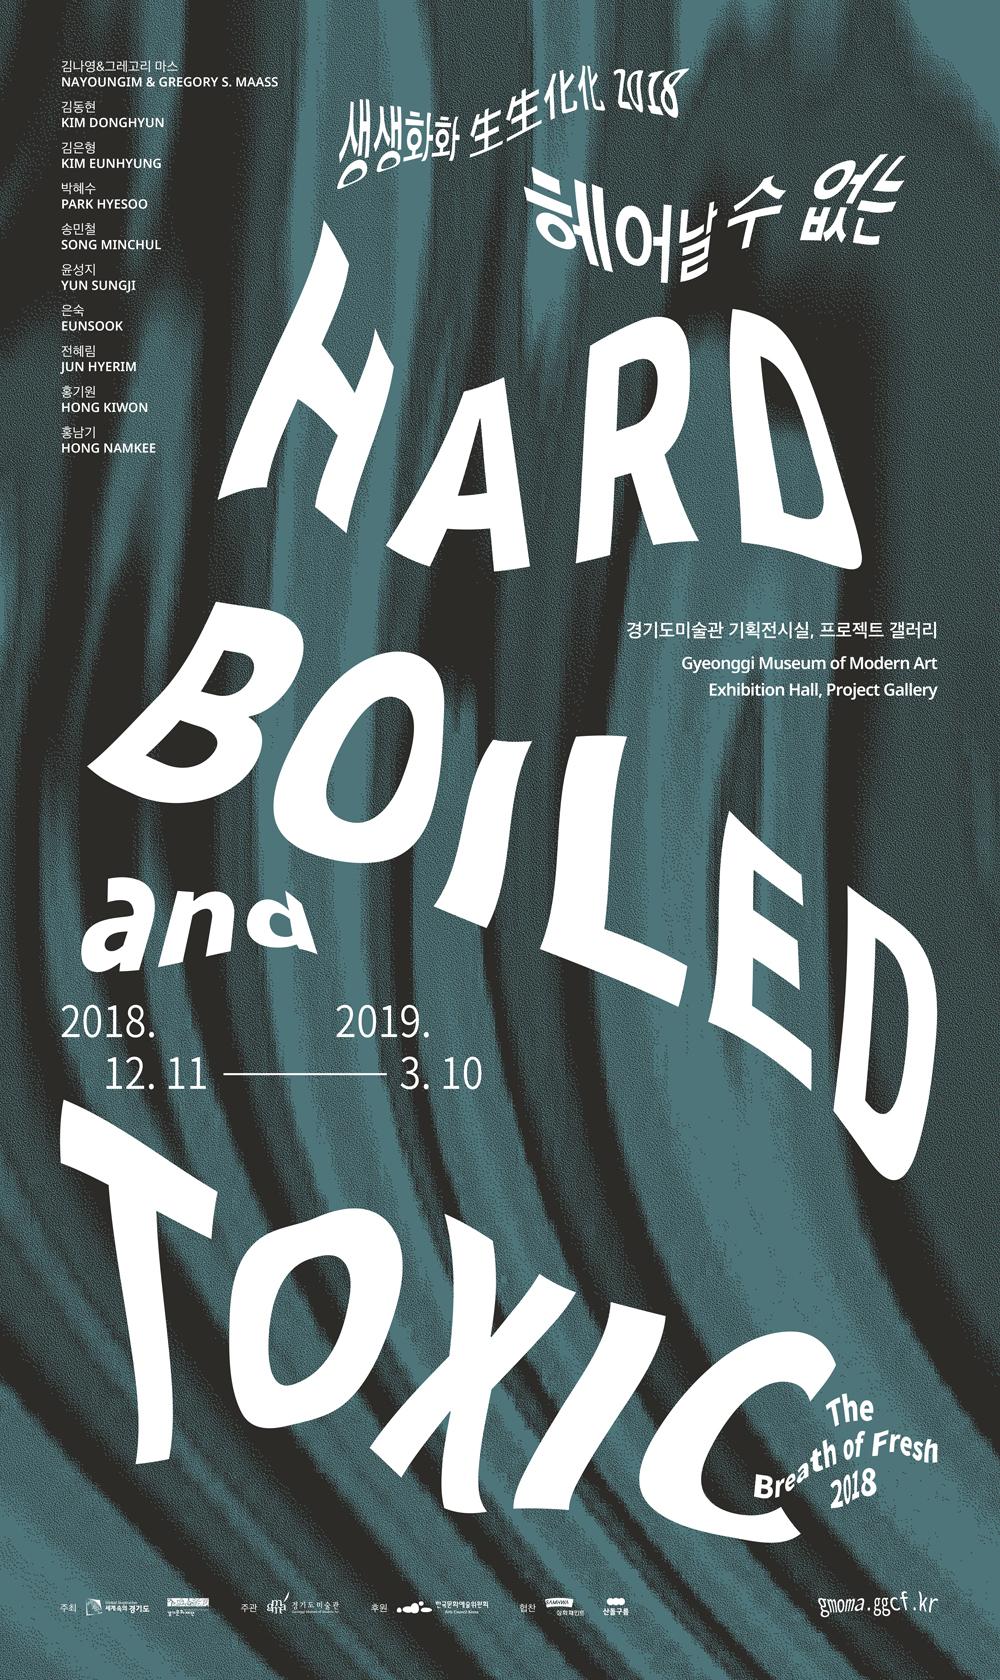 생생화화生生化化 2018 《헤어날 수 없는 : Hard-boiled & Toxic》